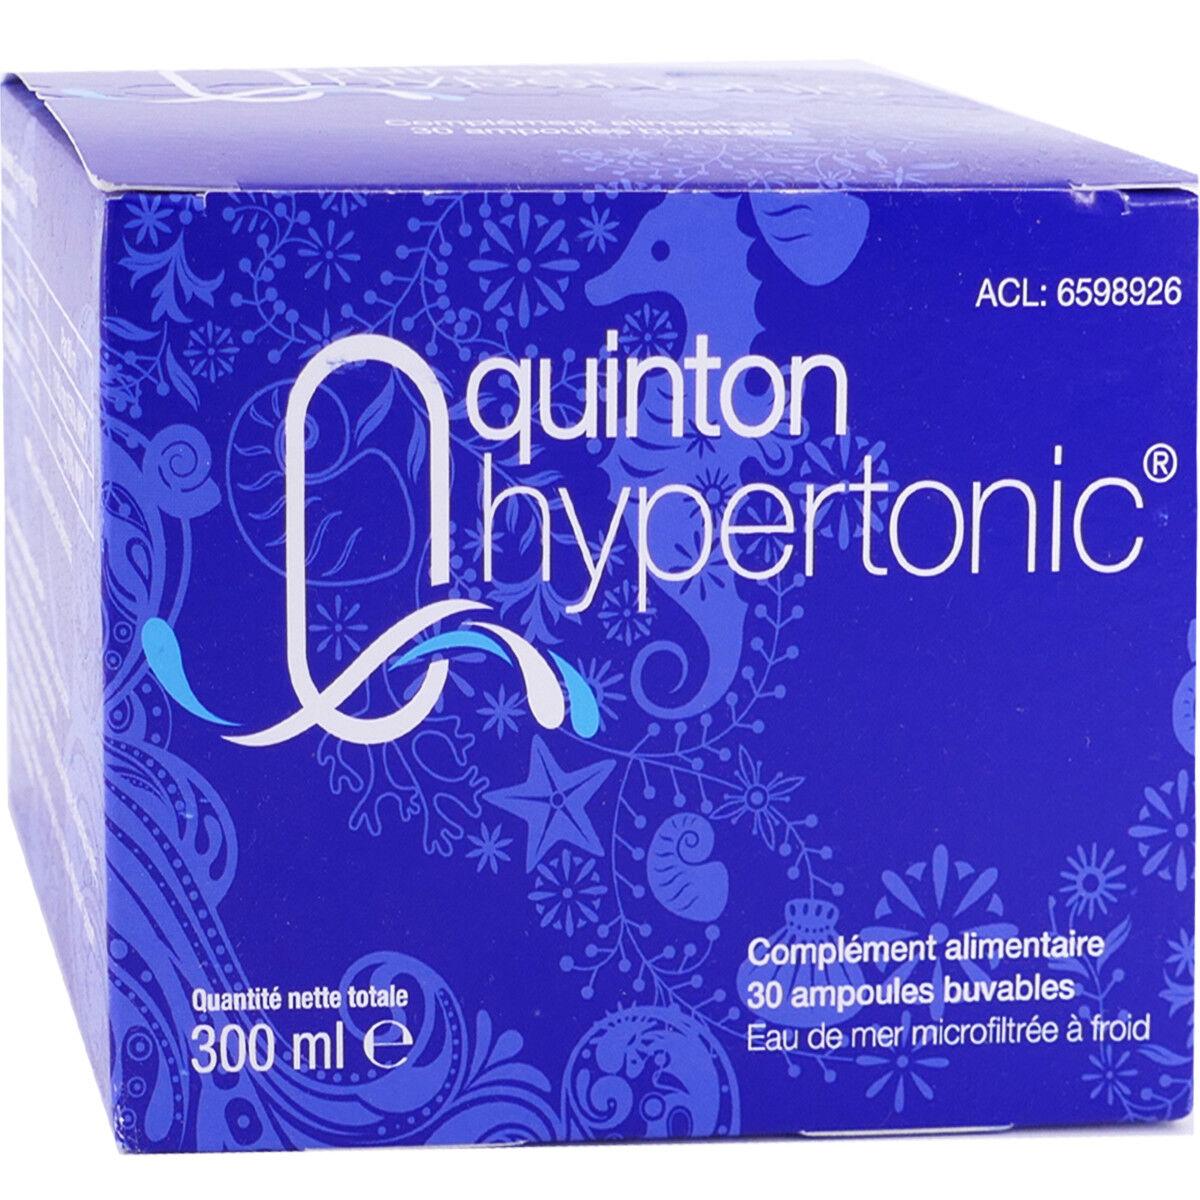 Quinton hypertonic buvable 10ml  30 ampoules 12max/commande